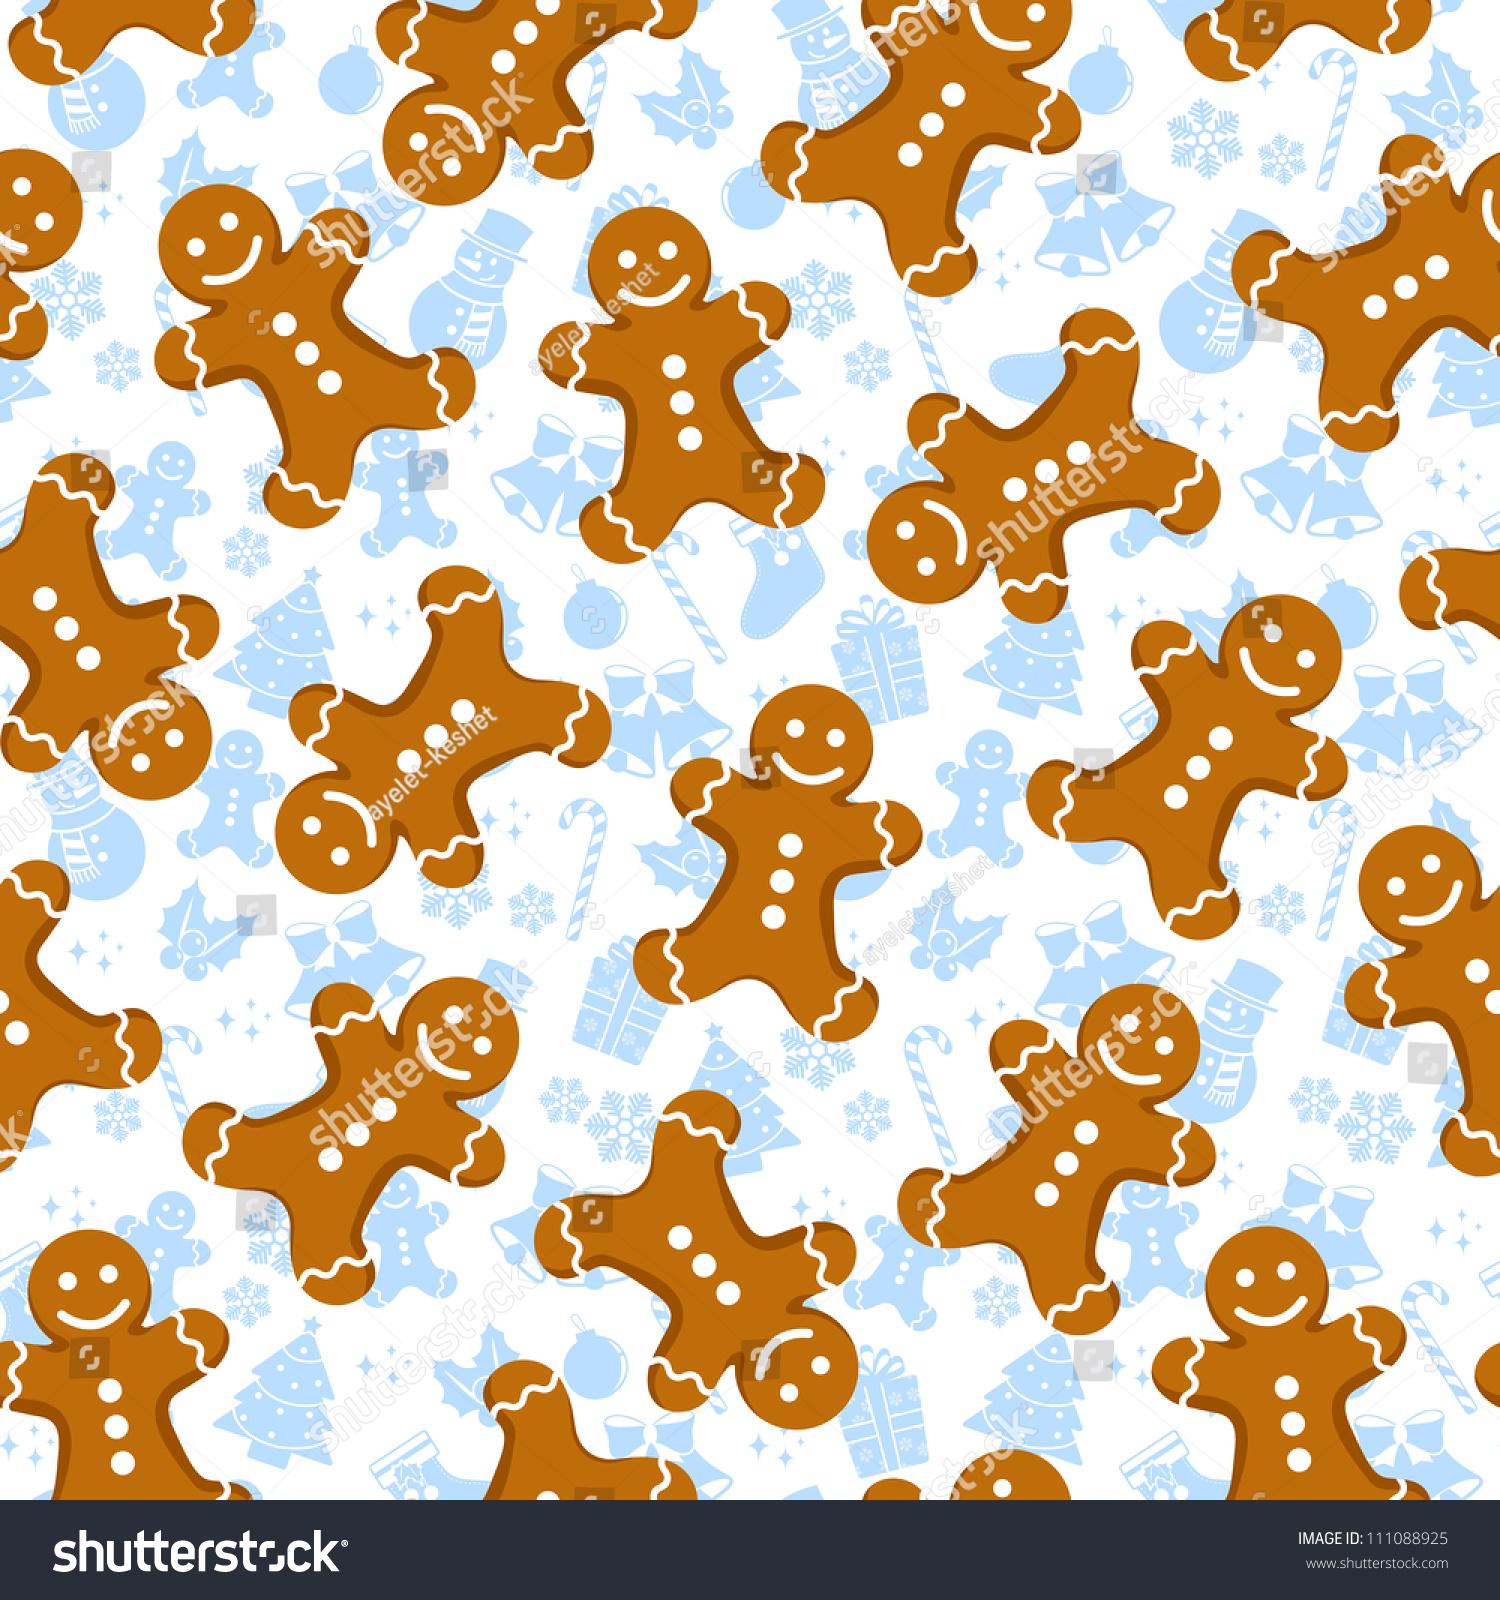 computer wallpapers christmas